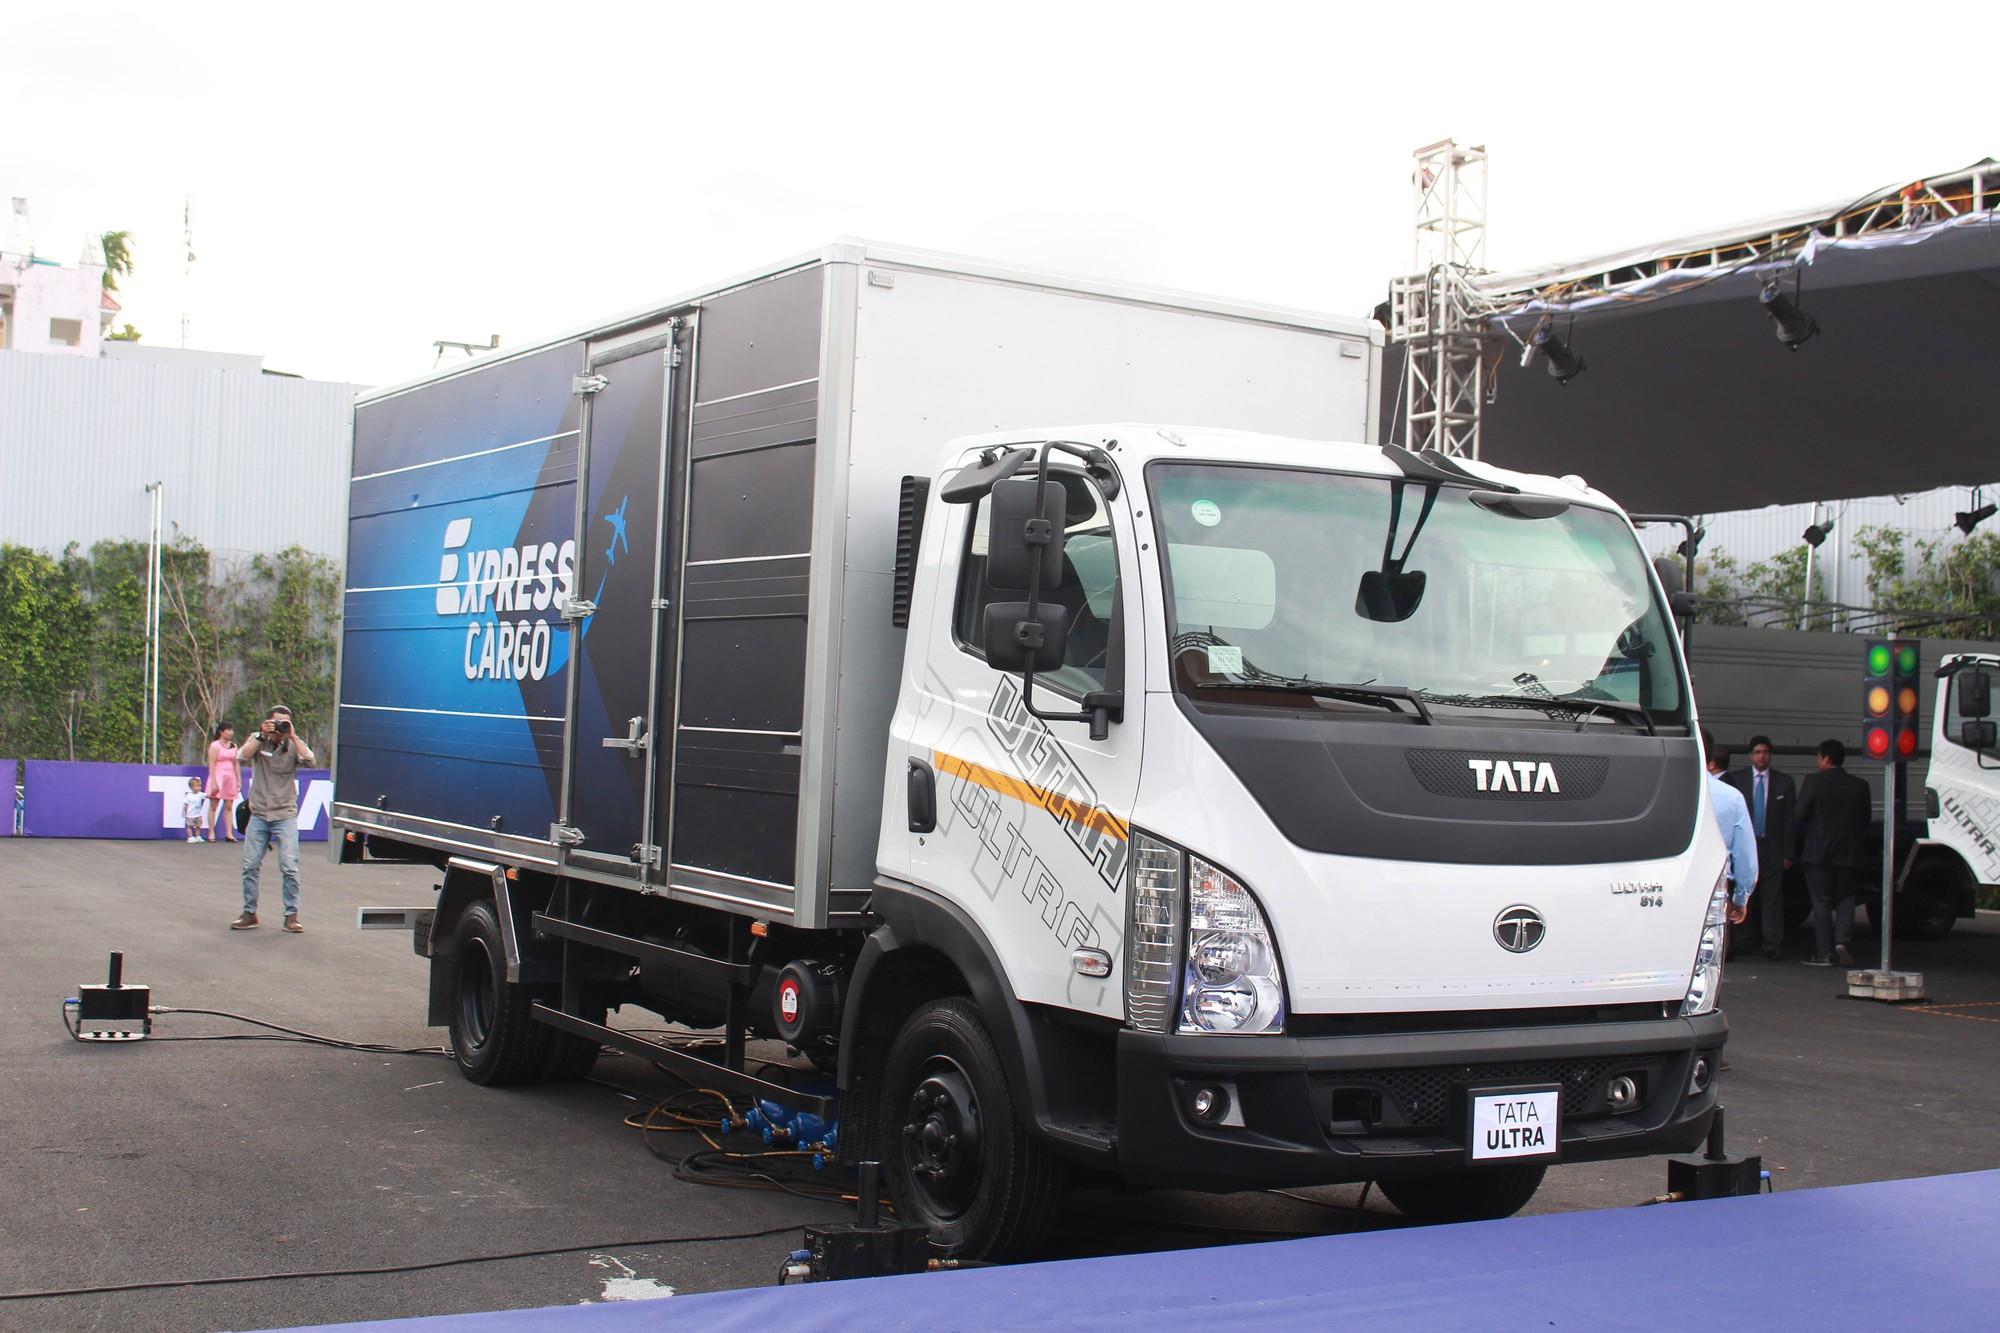 Hãng ôtô số một Ấn Độ tung xe tải tầm trung mới nhất tại Việt Nam, rẻ hơn xe Nhật Bản, Hàn Quốc từ 100-130 triệu - Ảnh 1.